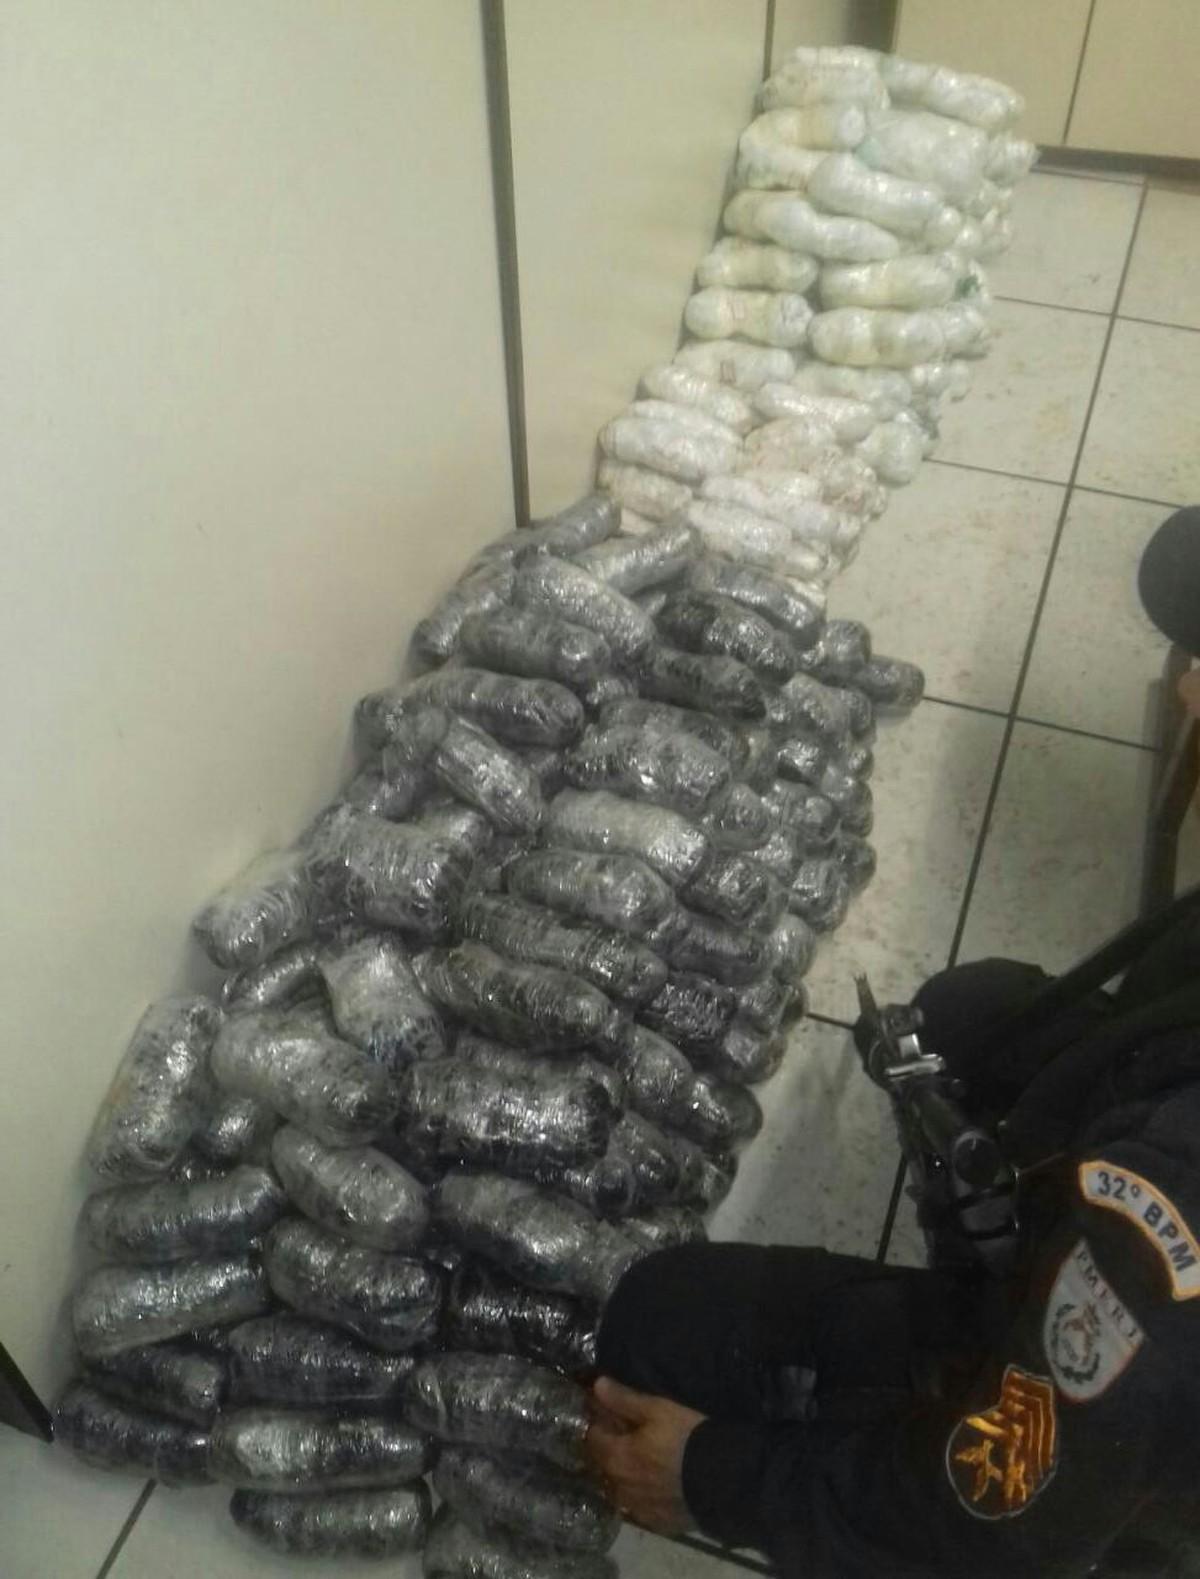 Polícia Militar apreende drogas escondidas em caminhonete em Casimiro de Abreu, no RJ